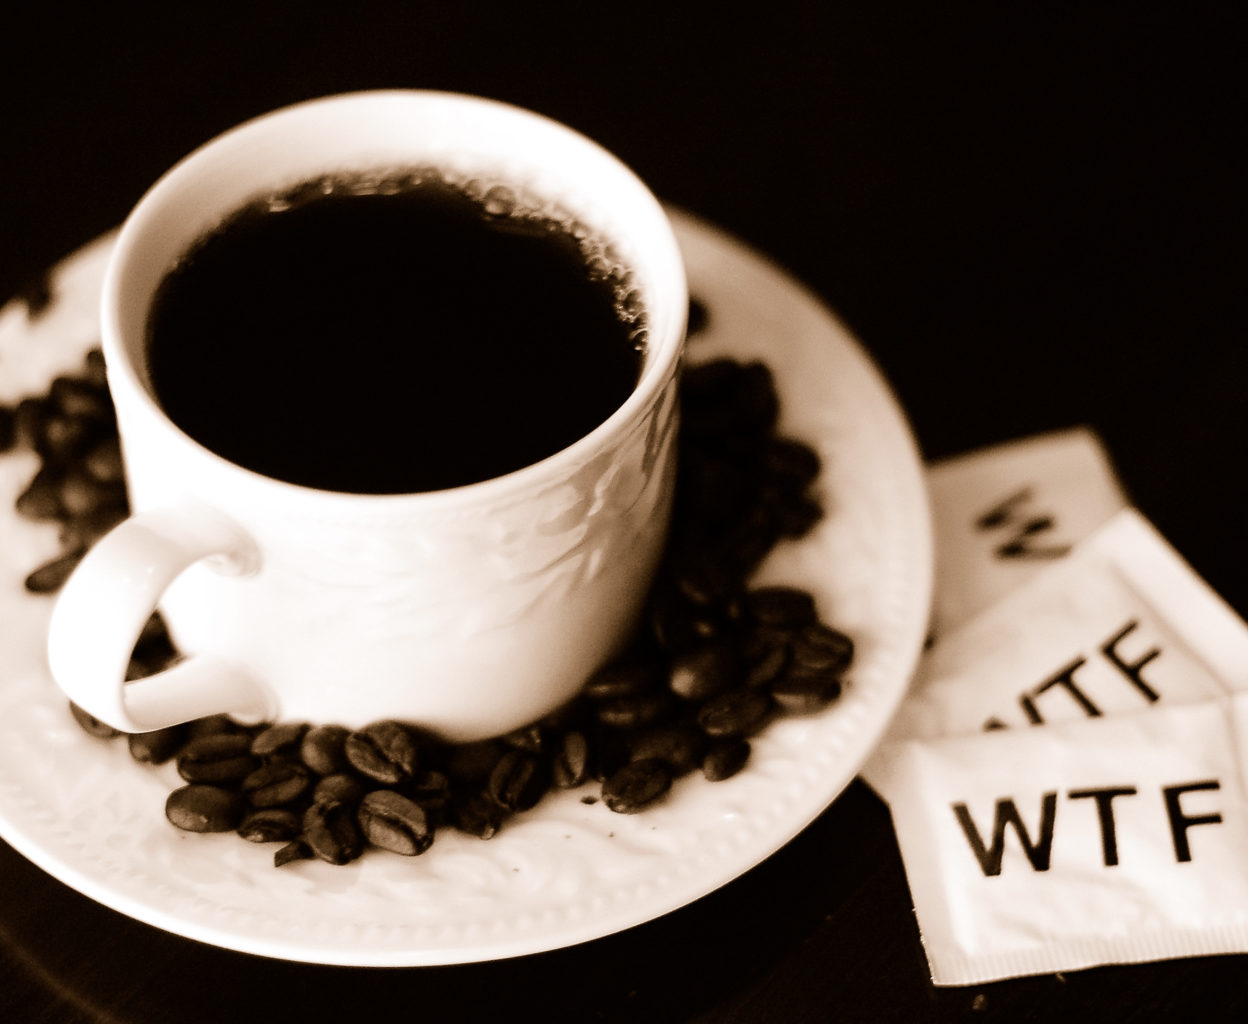 COM O AQUECIMENTO GLOBAL, SEU CAFEZINHO DE TODO DIA CORRE PERIGO